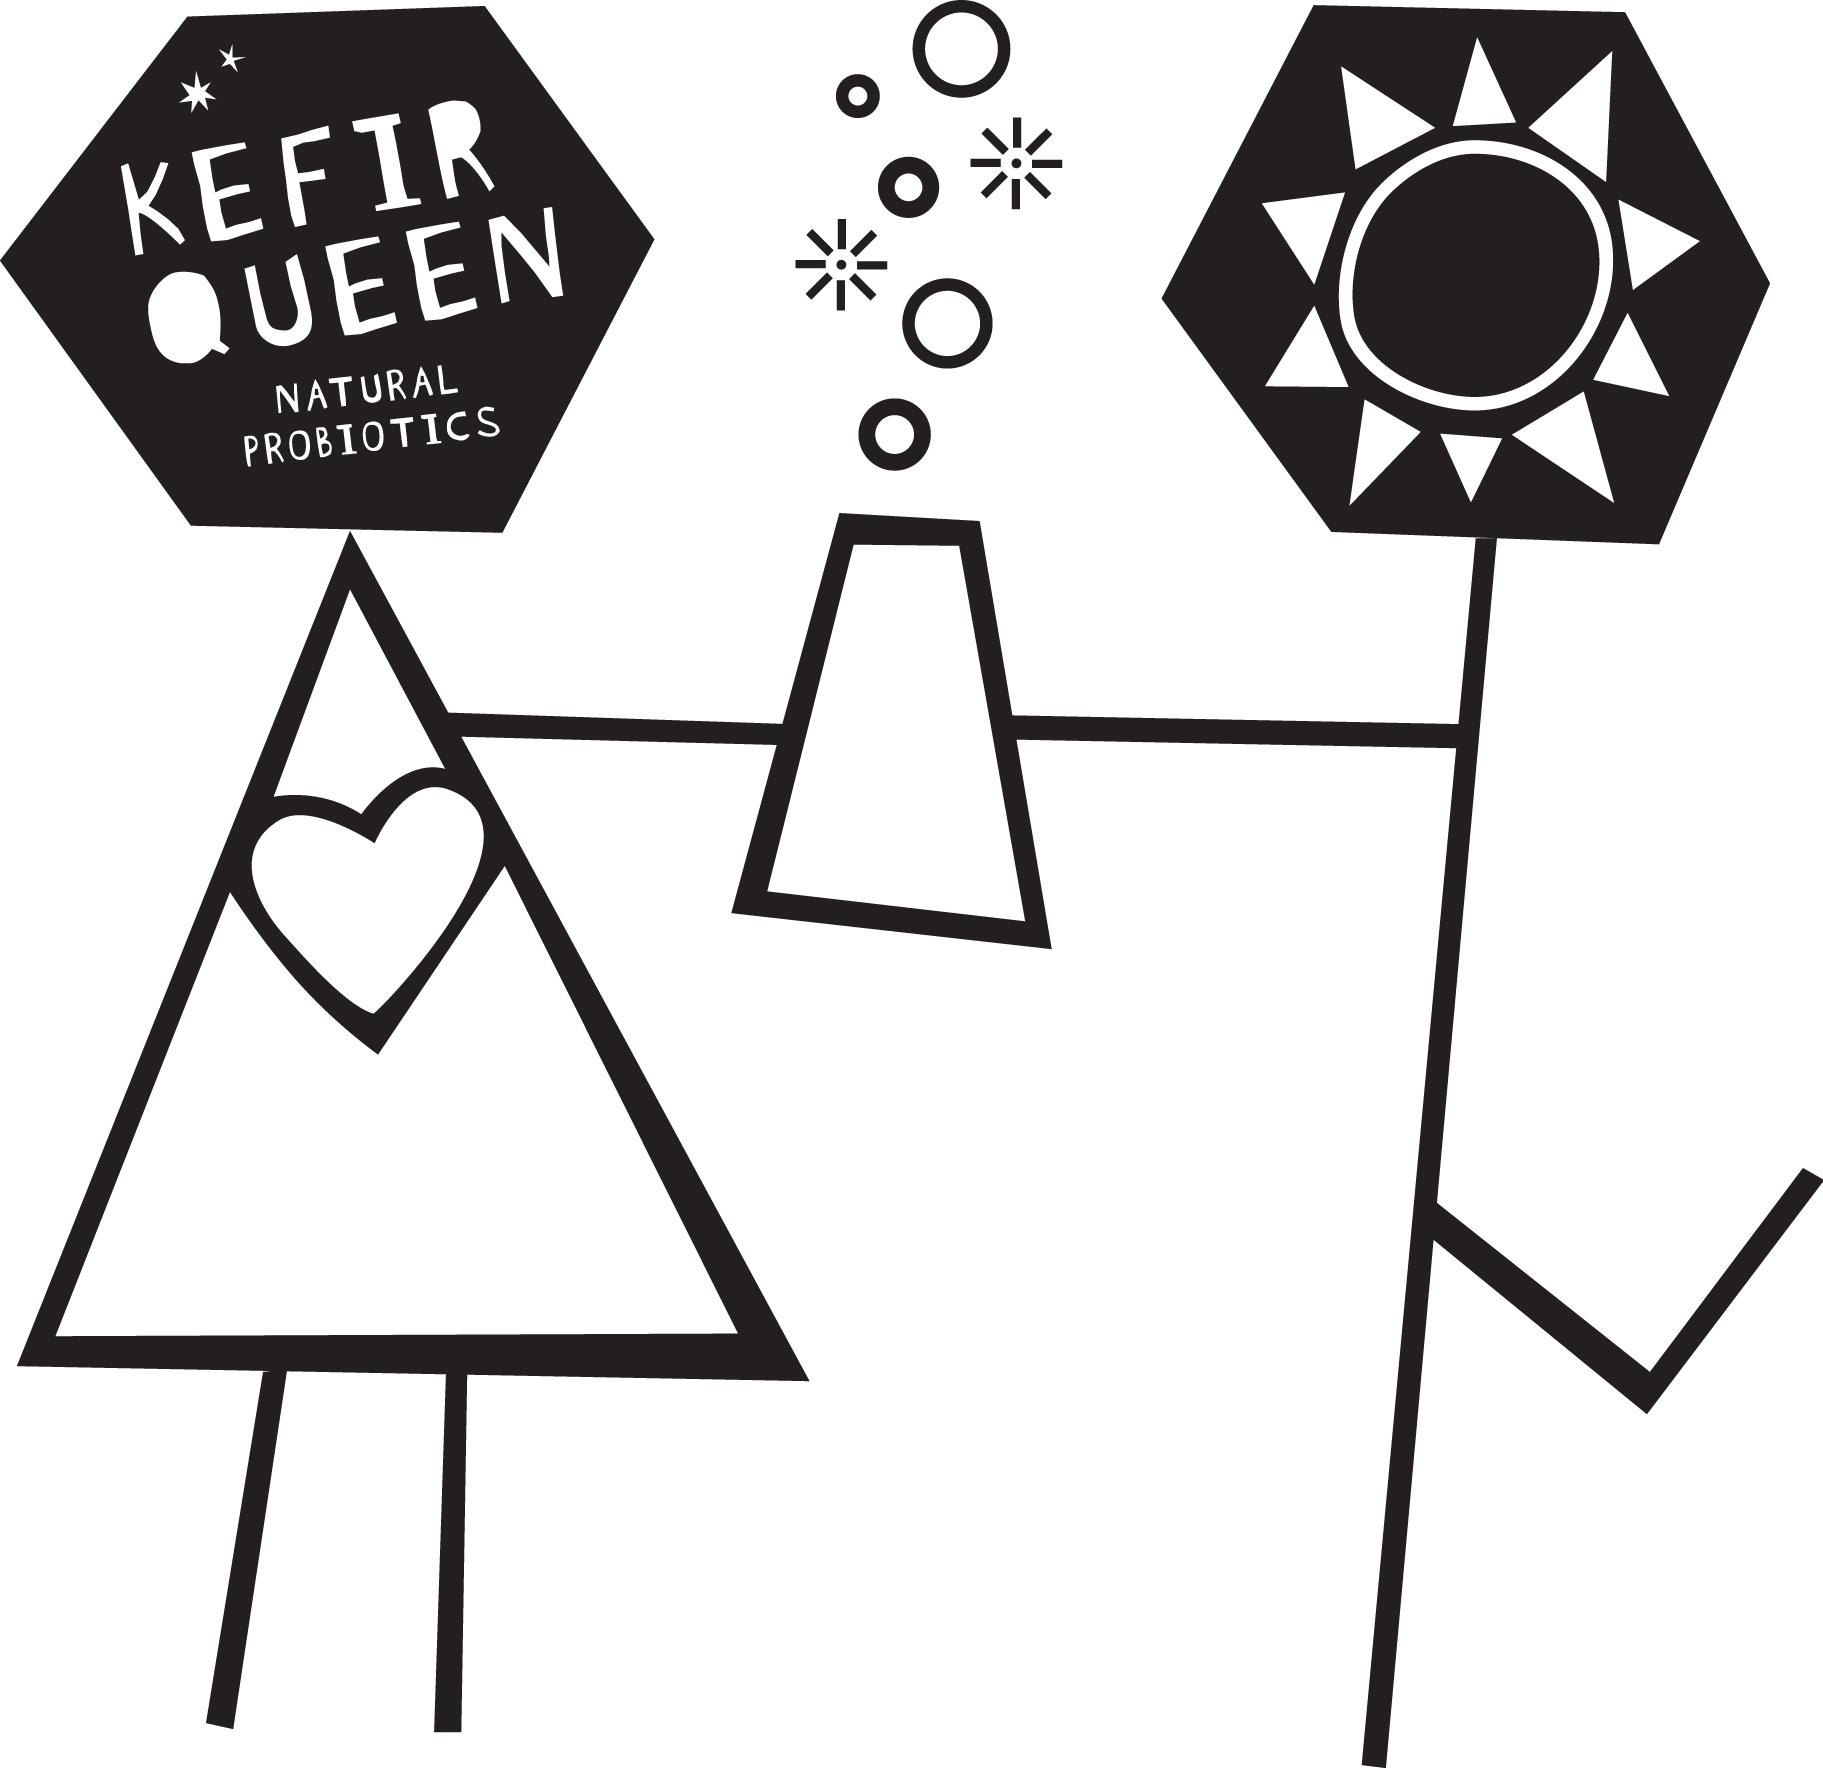 kefir-queen-port-douglas